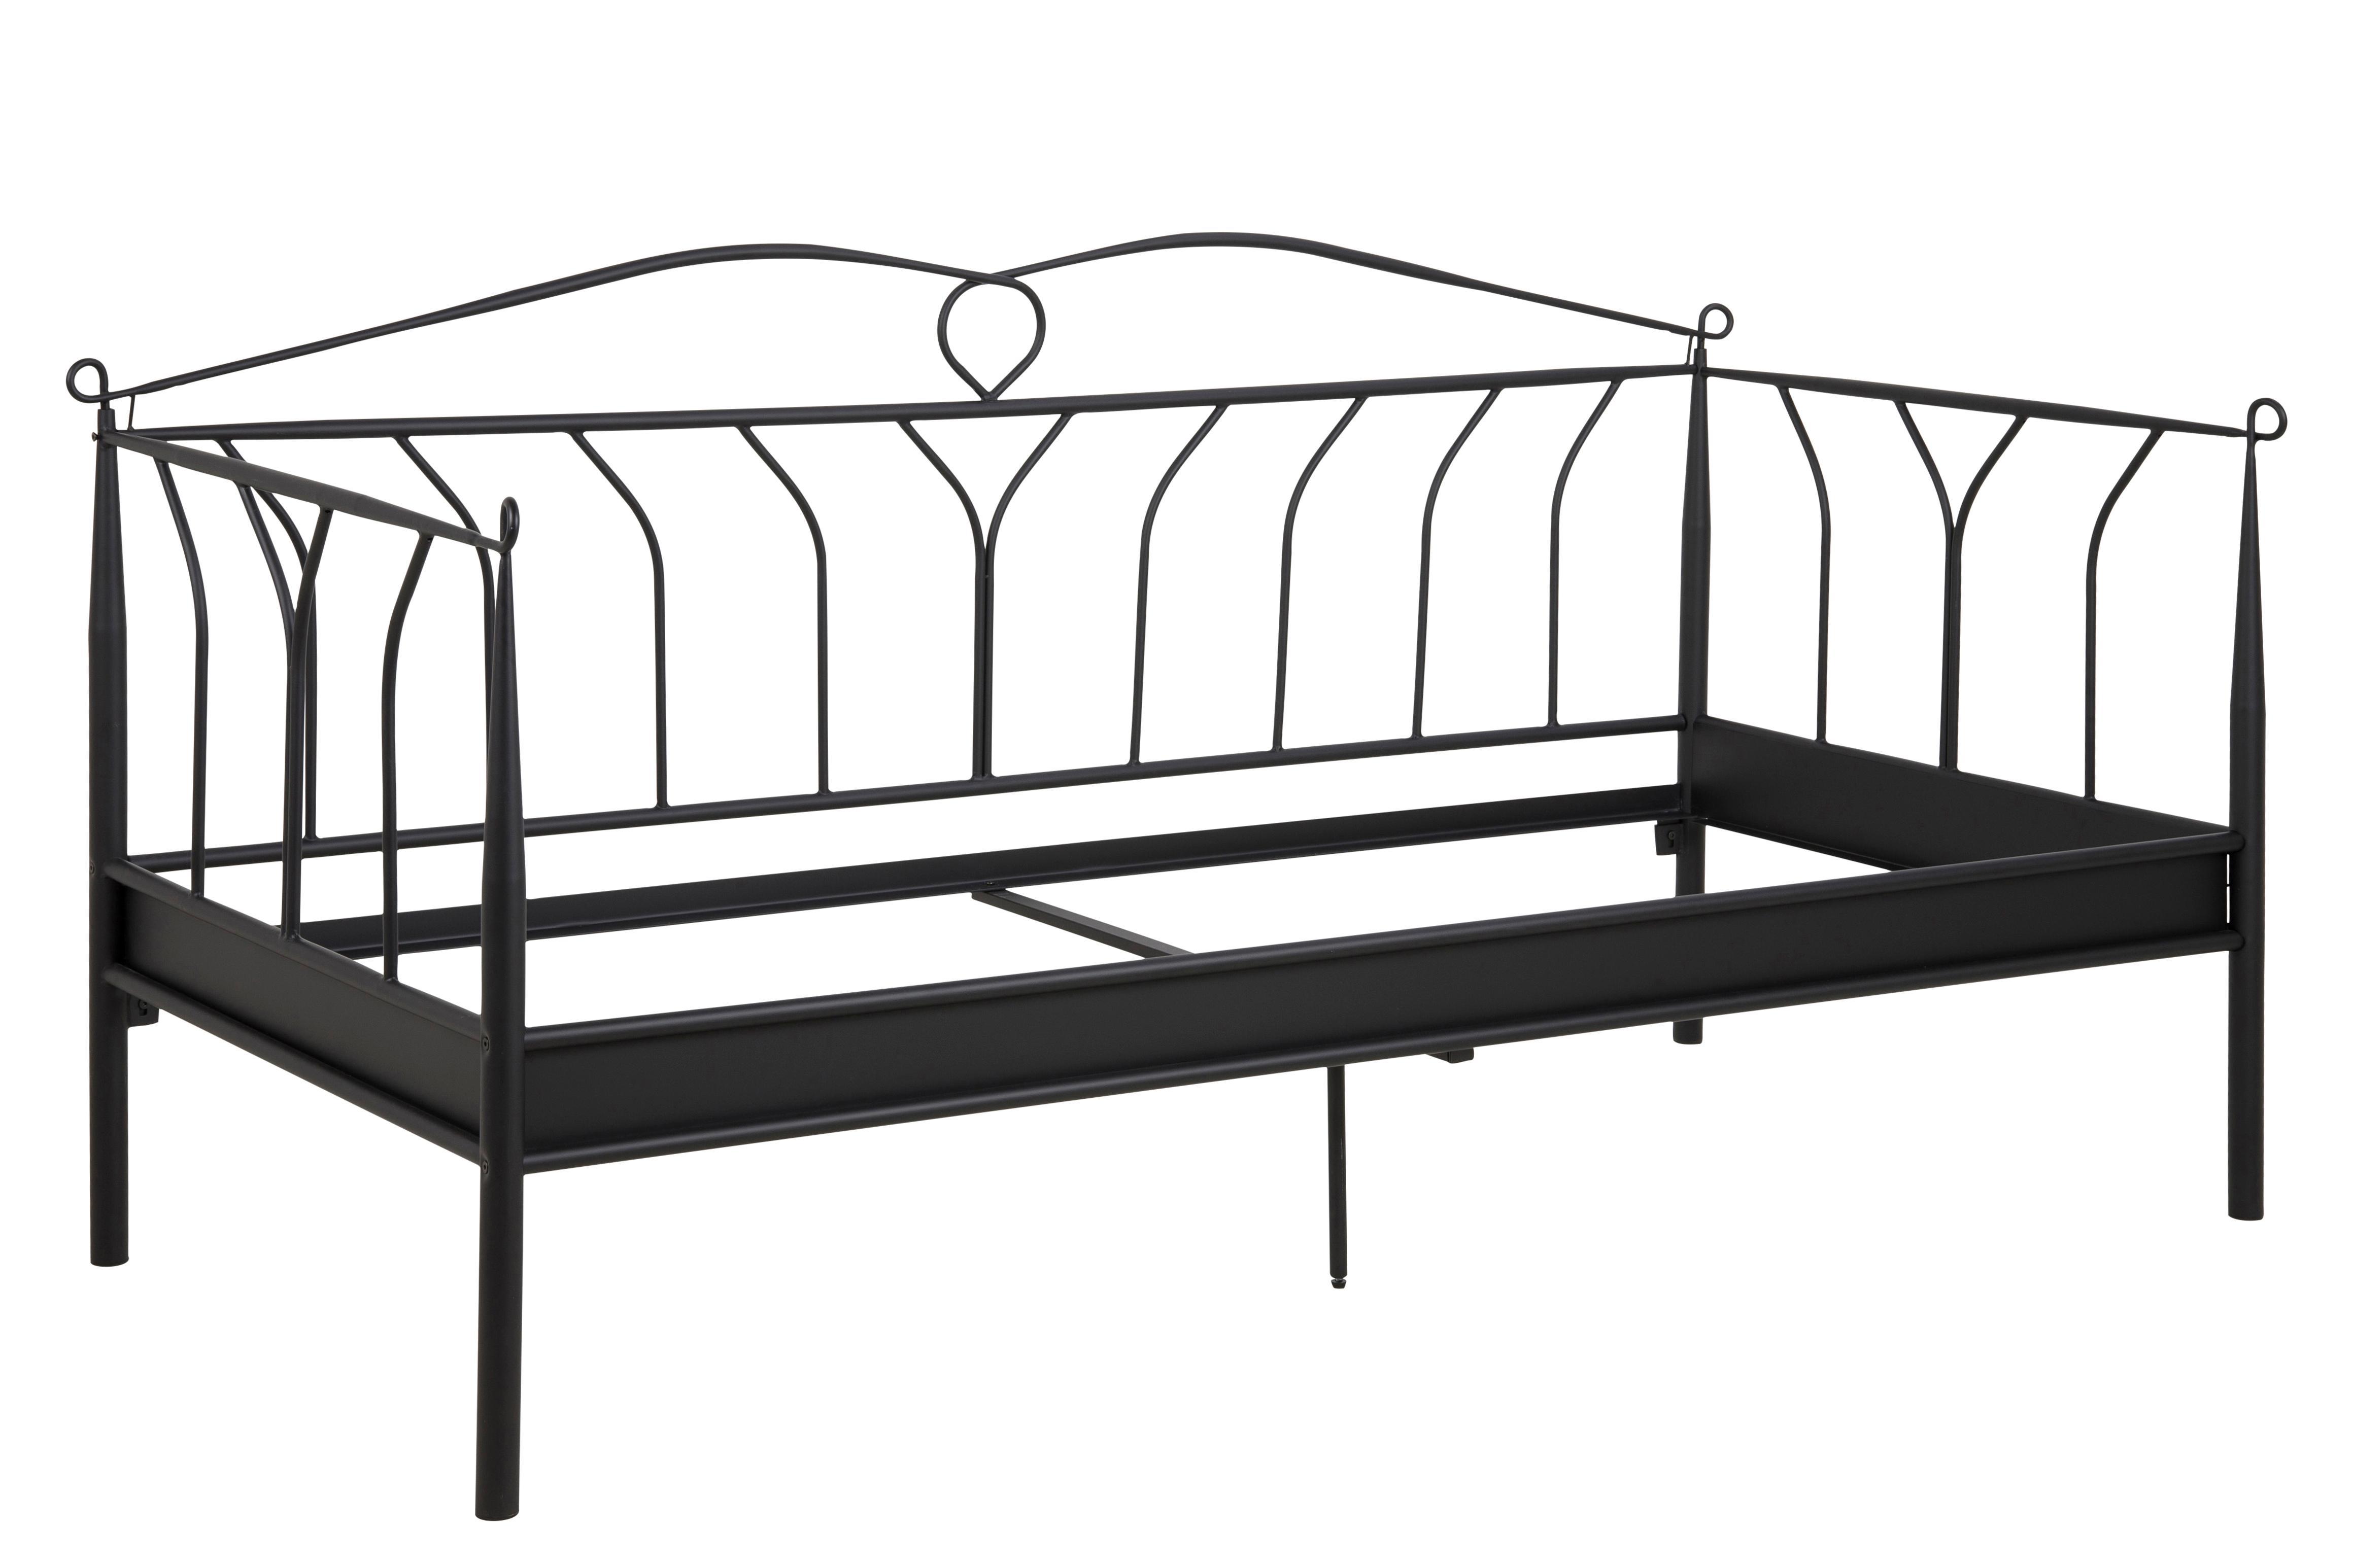 AC Design Furniture 14270 Metallbett Lis, Liegefläche 90 x 200, ohne ...